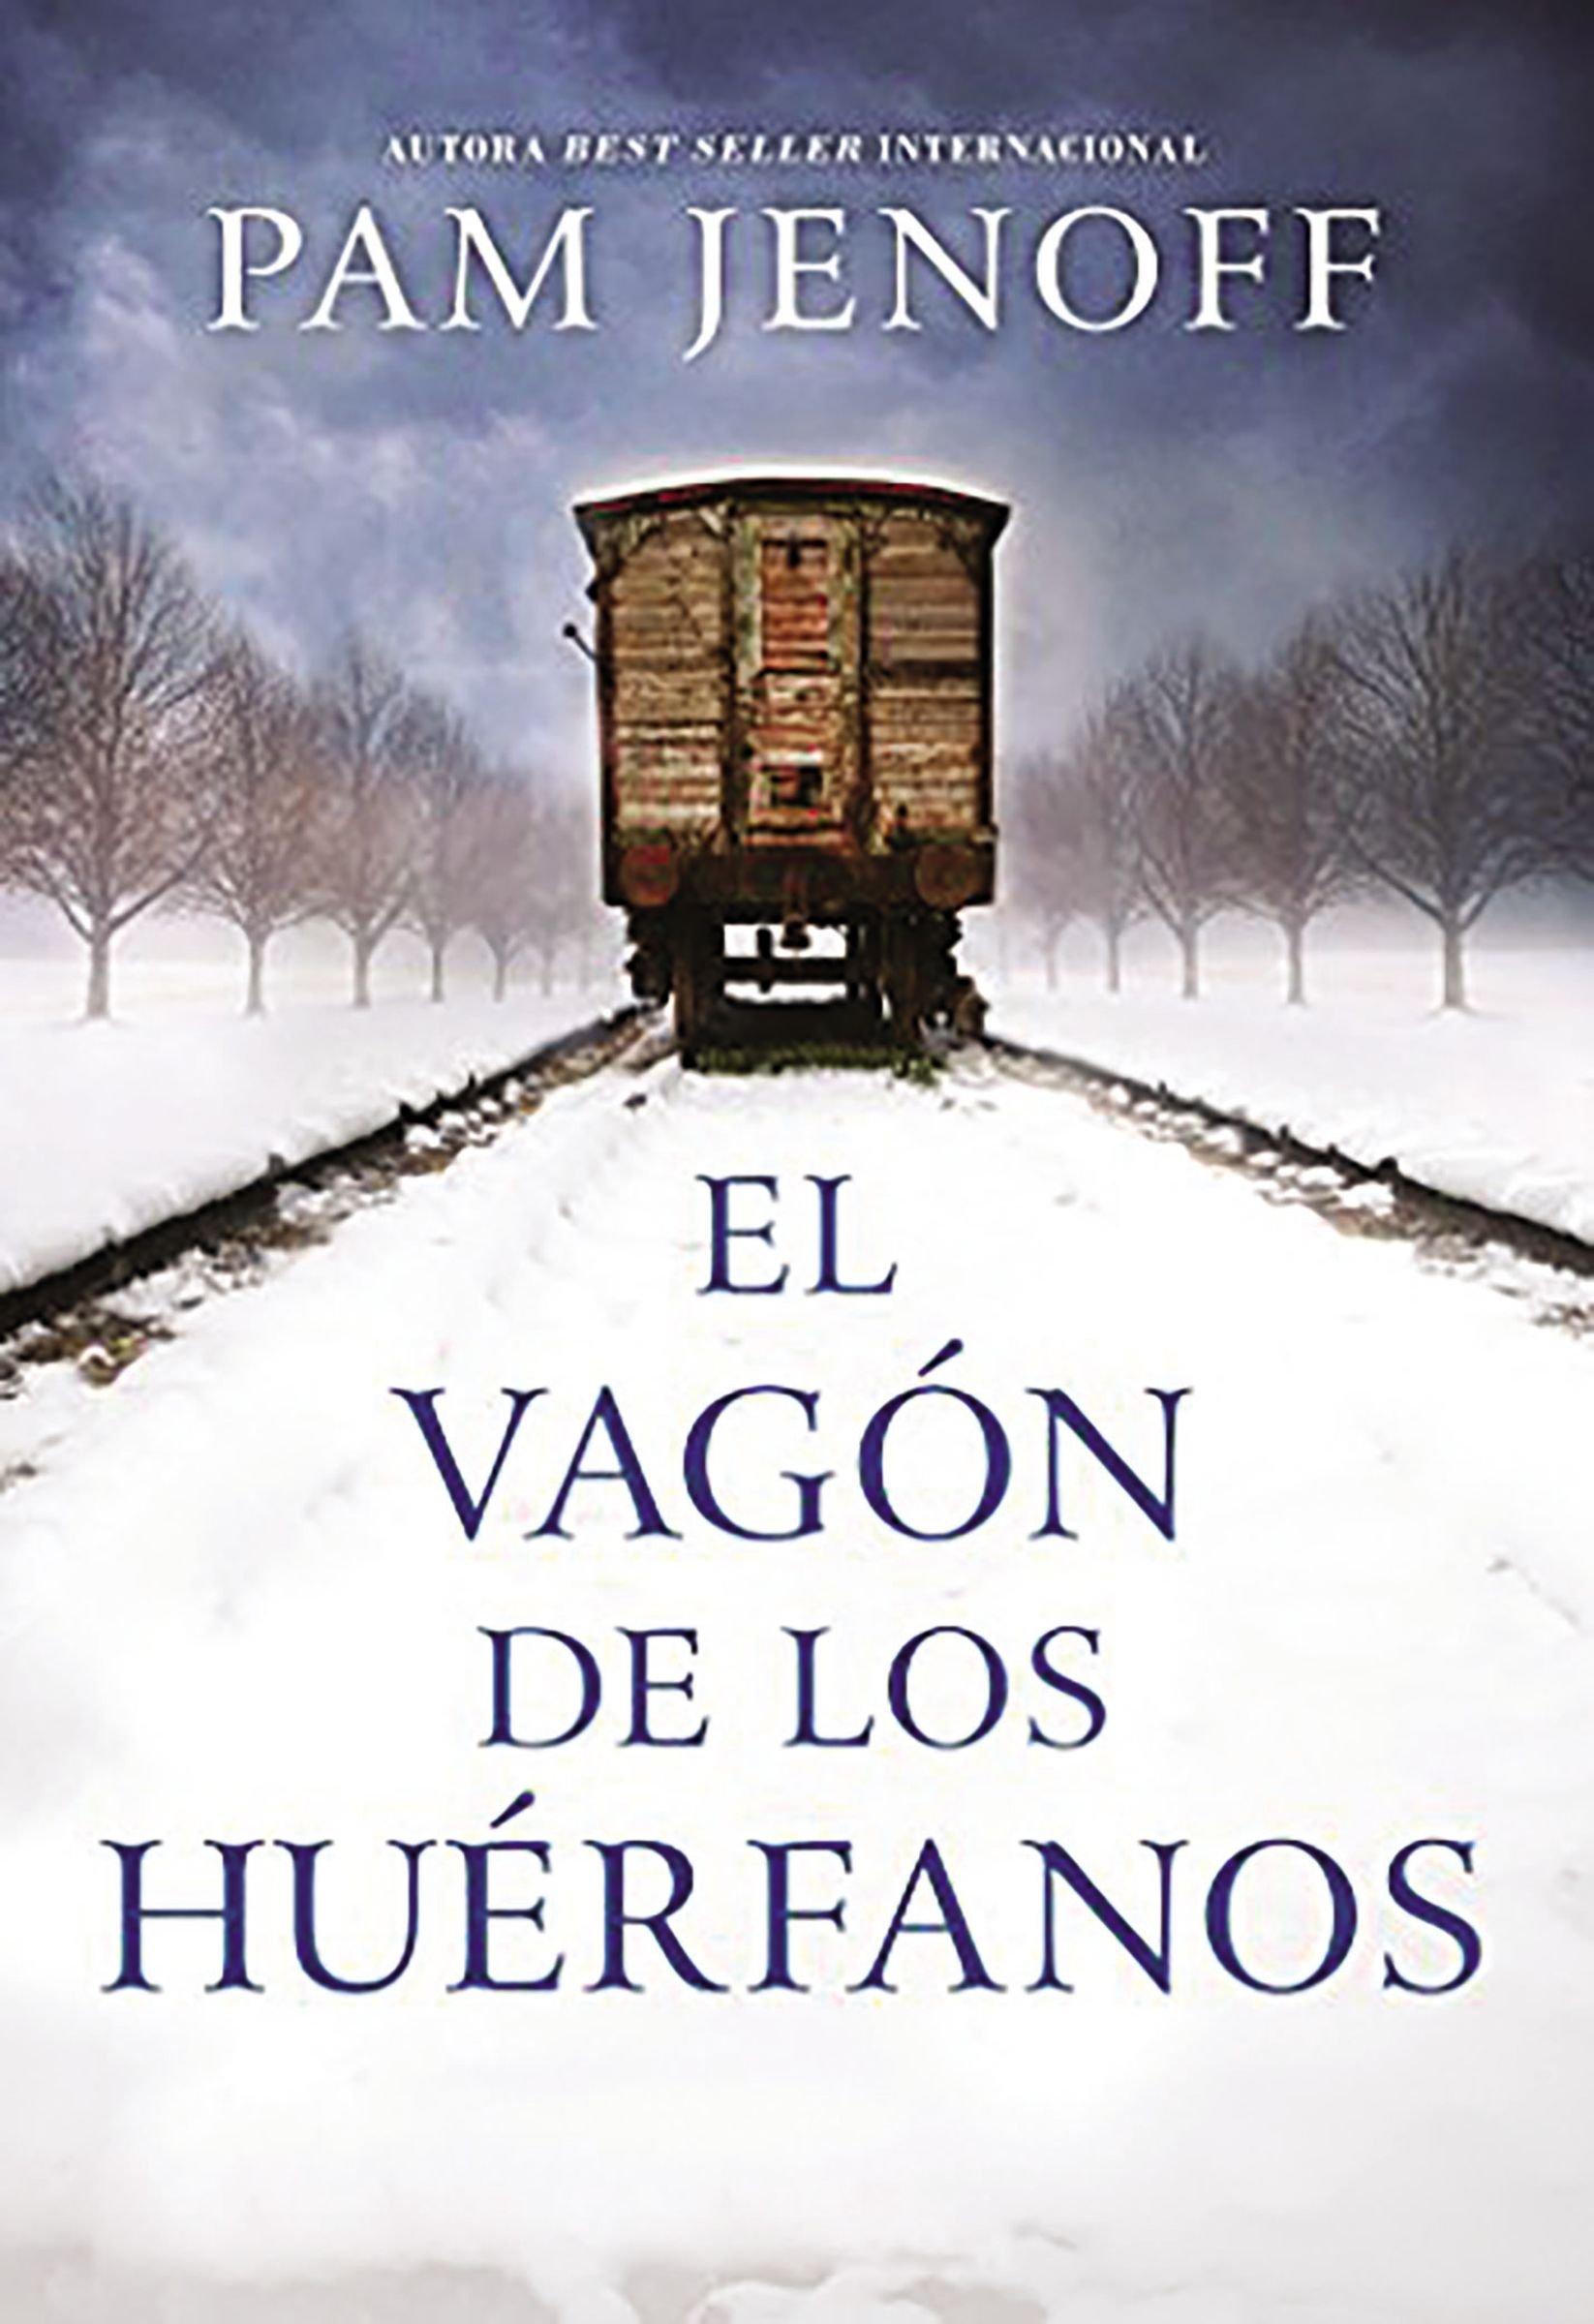 vagón de los huérfanos (Spanish Edition)